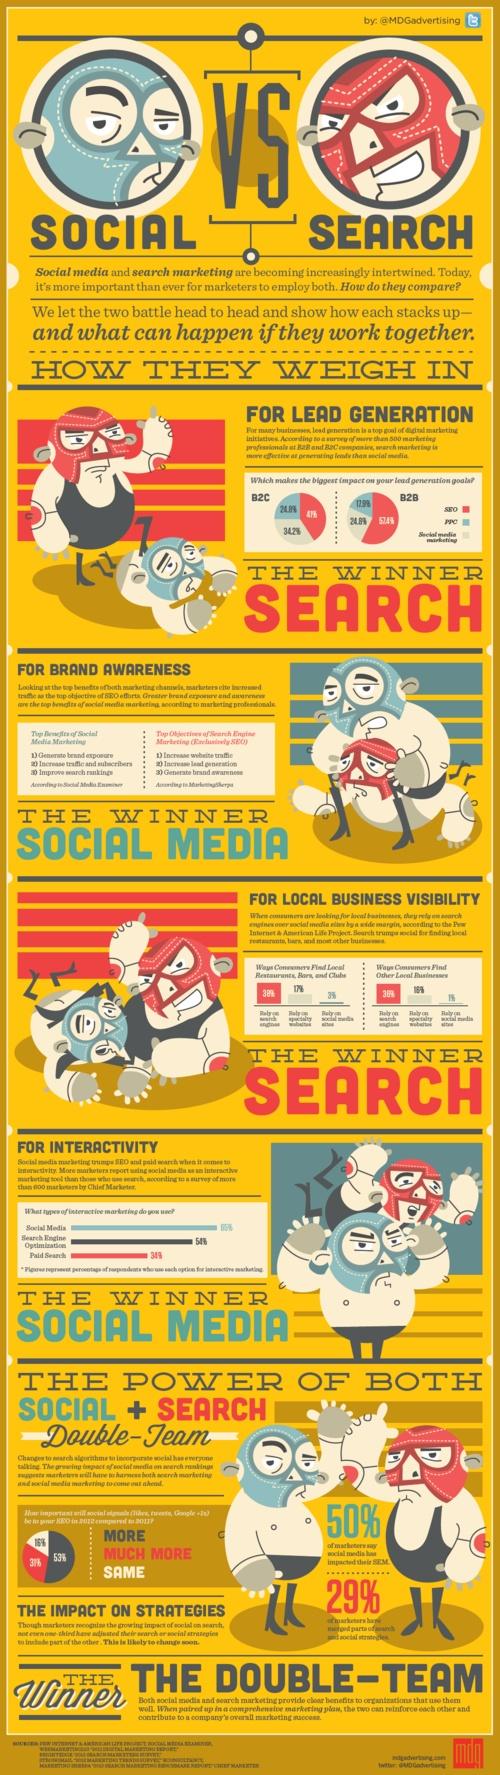 Social Media vs. Search